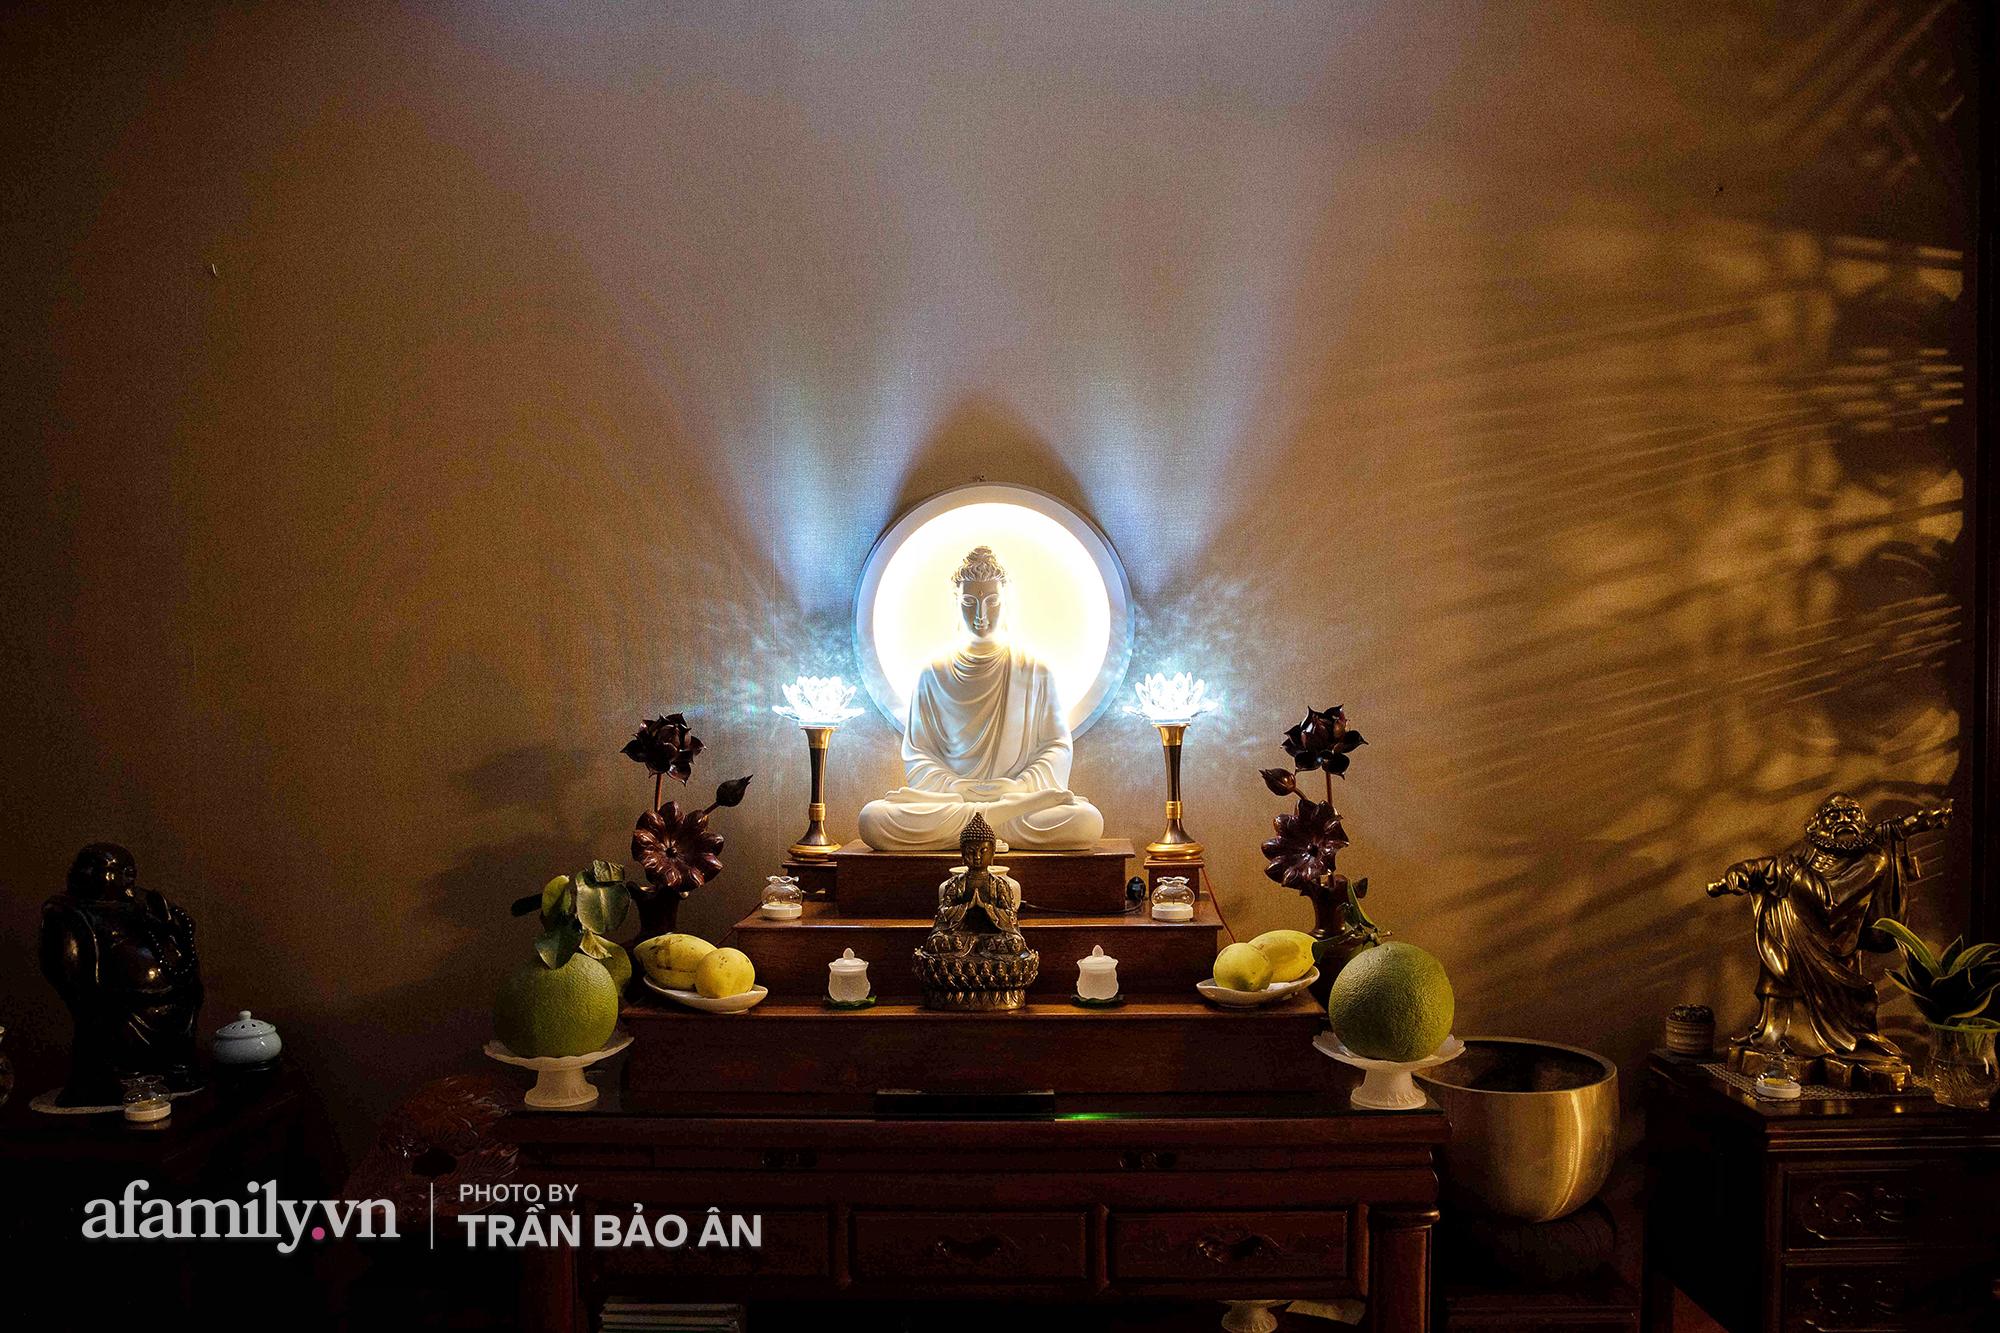 Những hình ảnh hiếm hoi tại nhà của Nghệ nhân ẩm thực Nguyễn Dzoãn Cẩm Vân kể từ khi xuất gia và bữa cơm chay do đích thân cô xuống bếp thiết đãi - Ảnh 13.